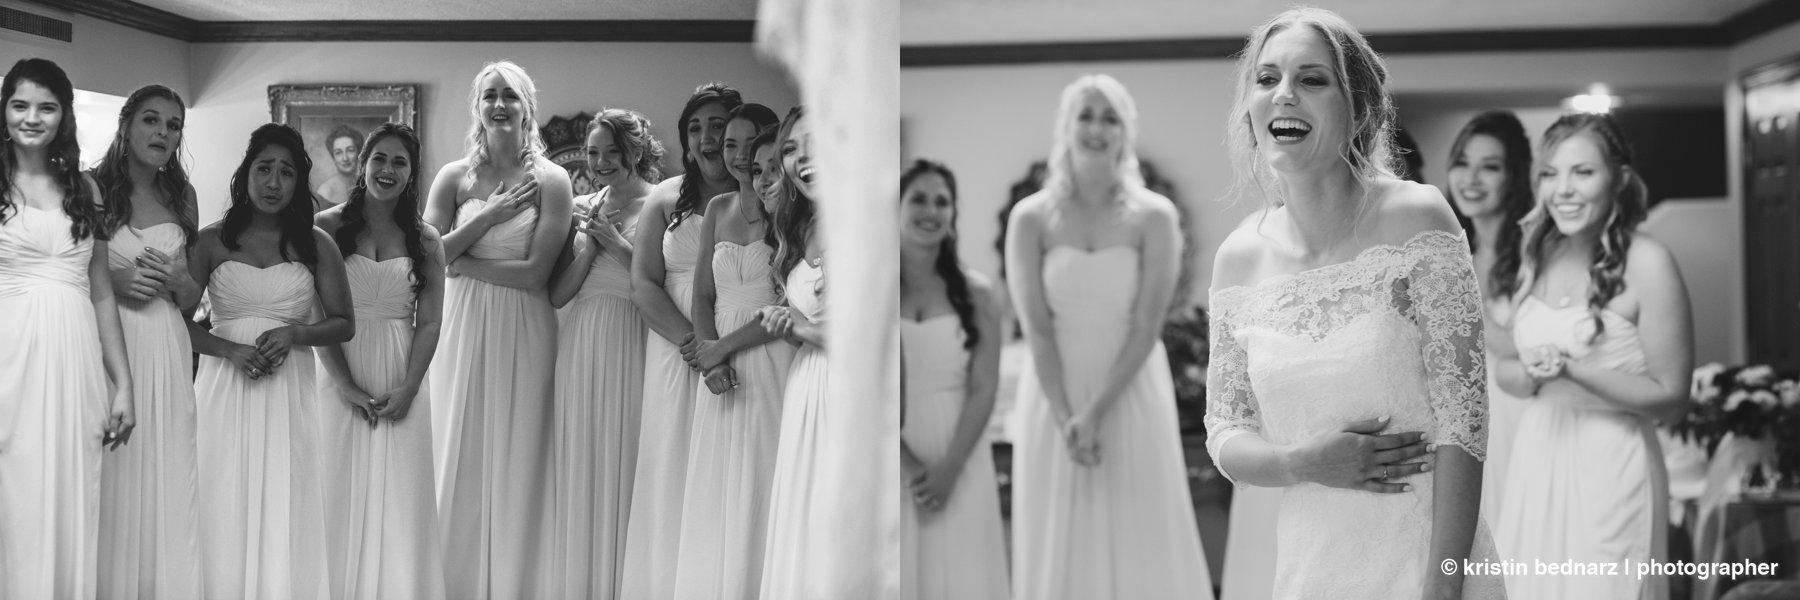 Krisitin_Bednarz_Lubbock_Wedding_Photographer_20180602_0043.JPG